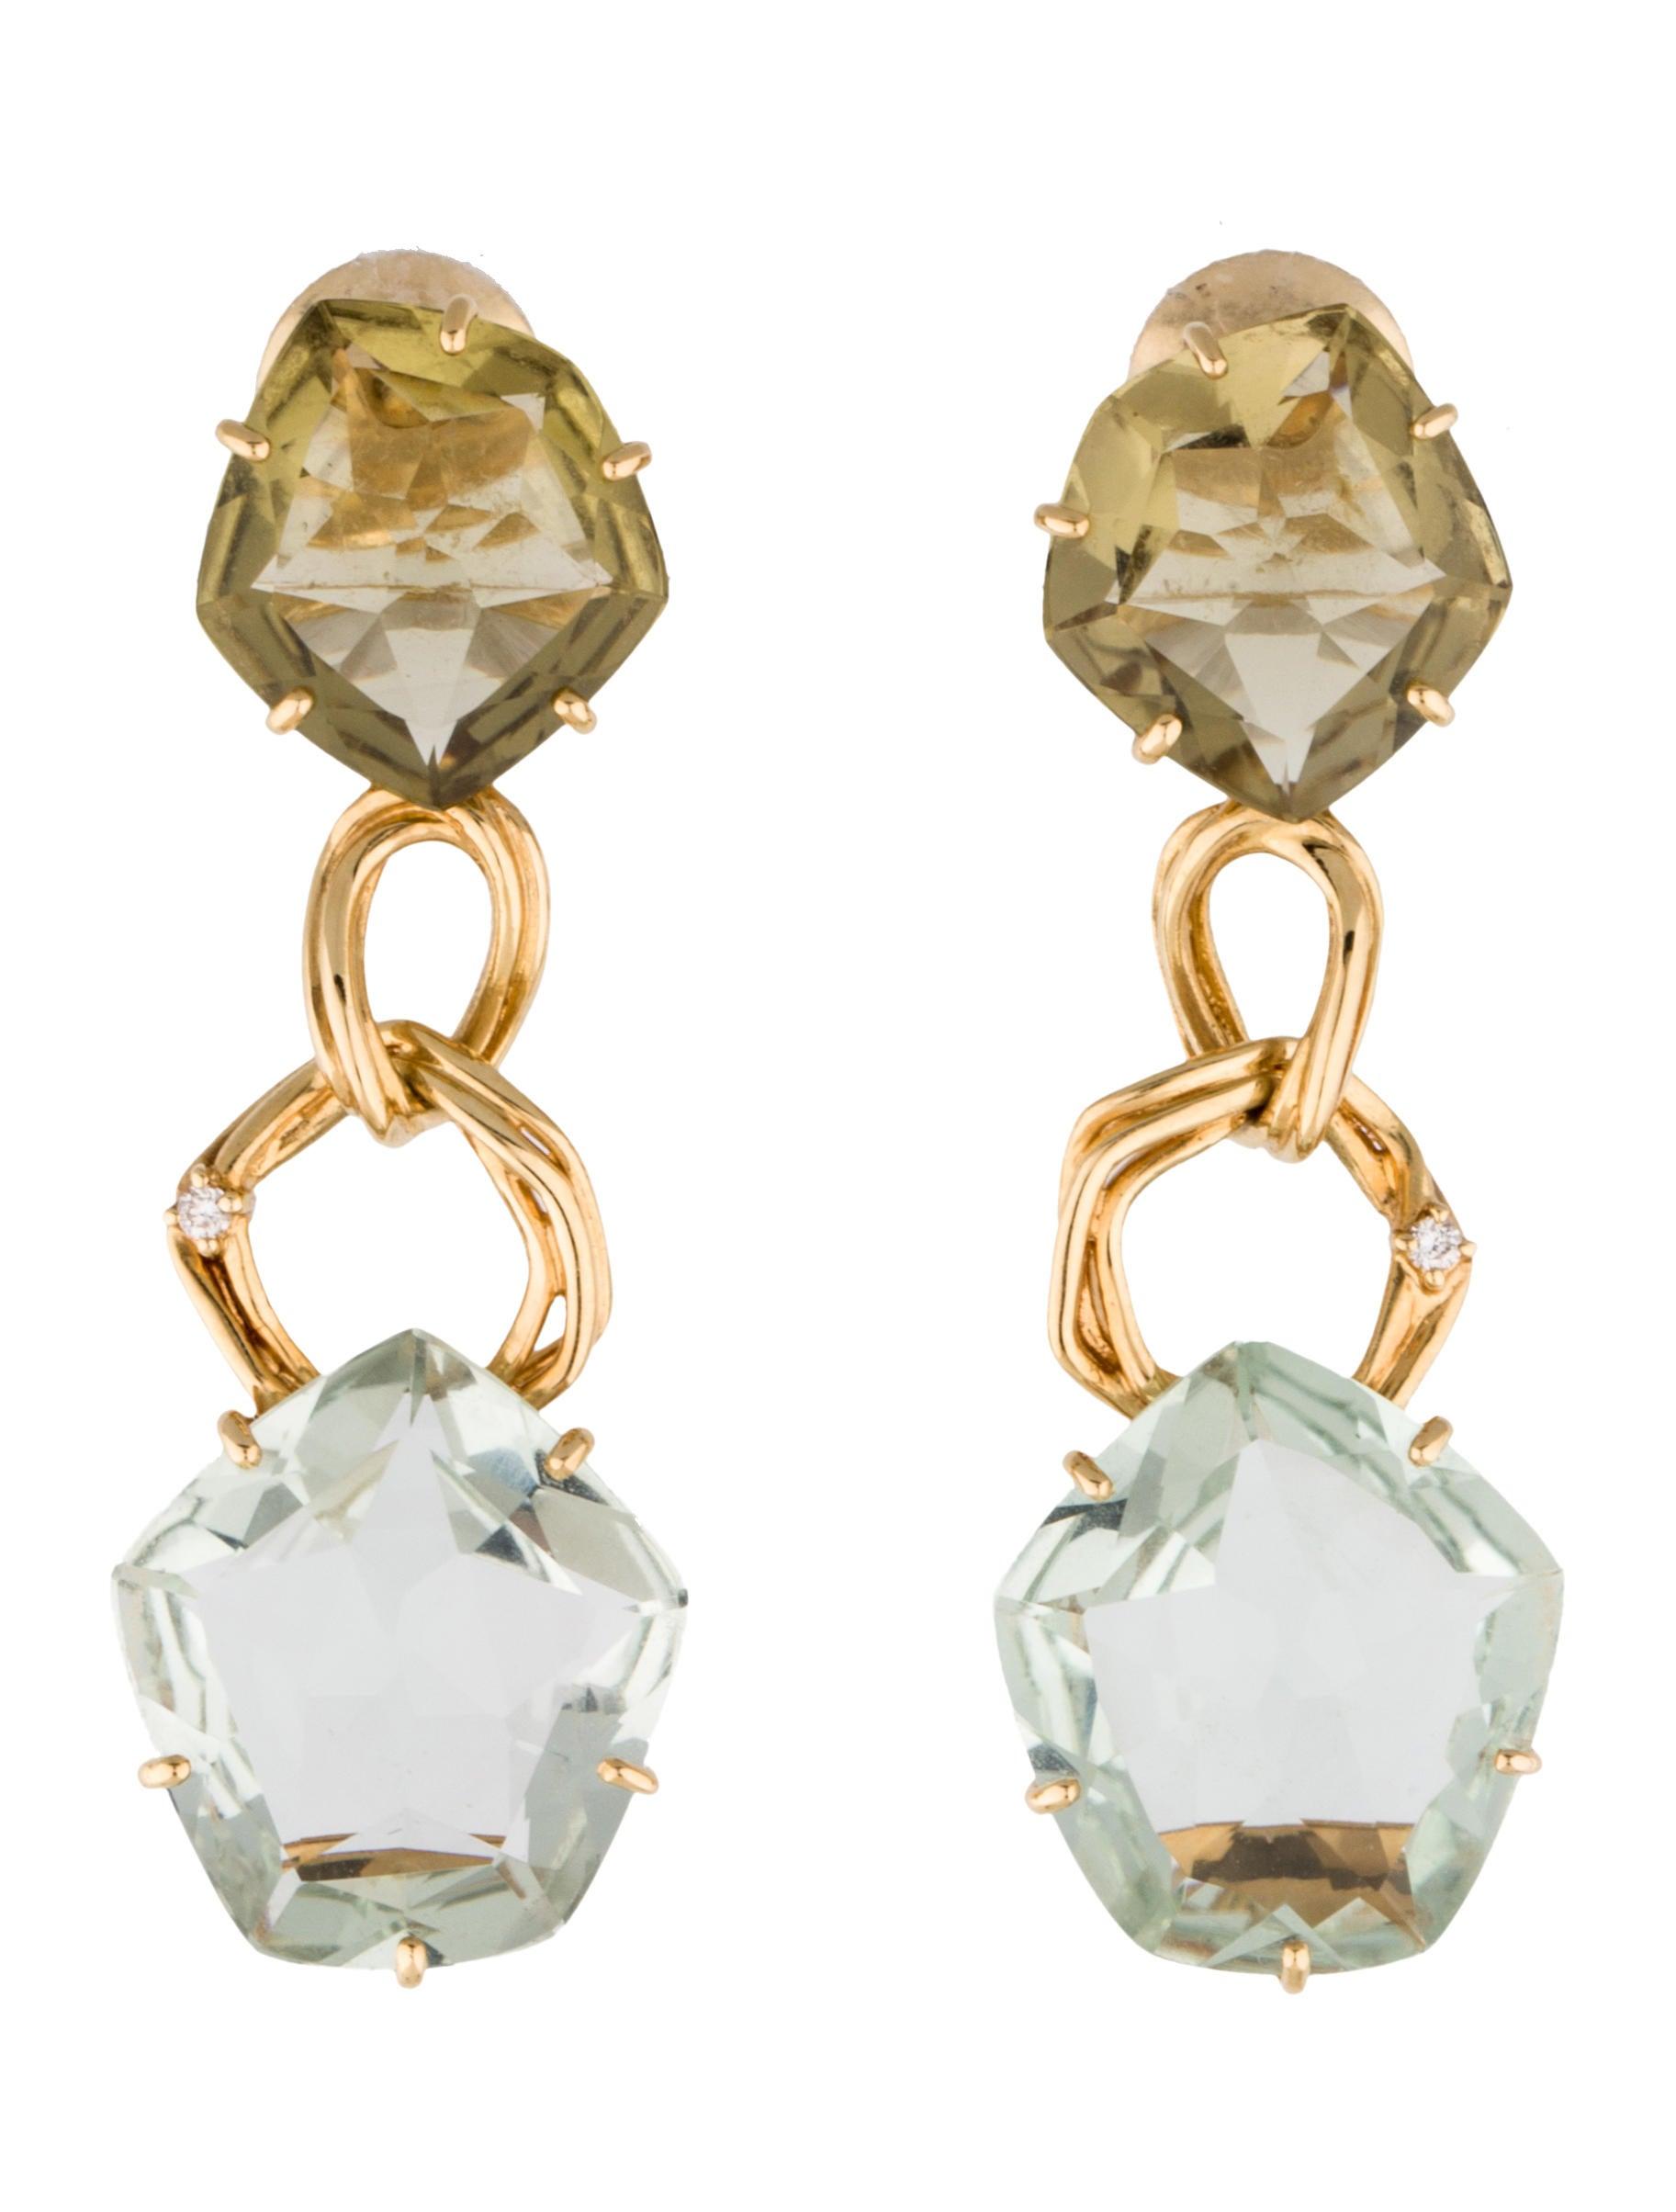 prasiolite drop earrings earrings fje26702 the realreal